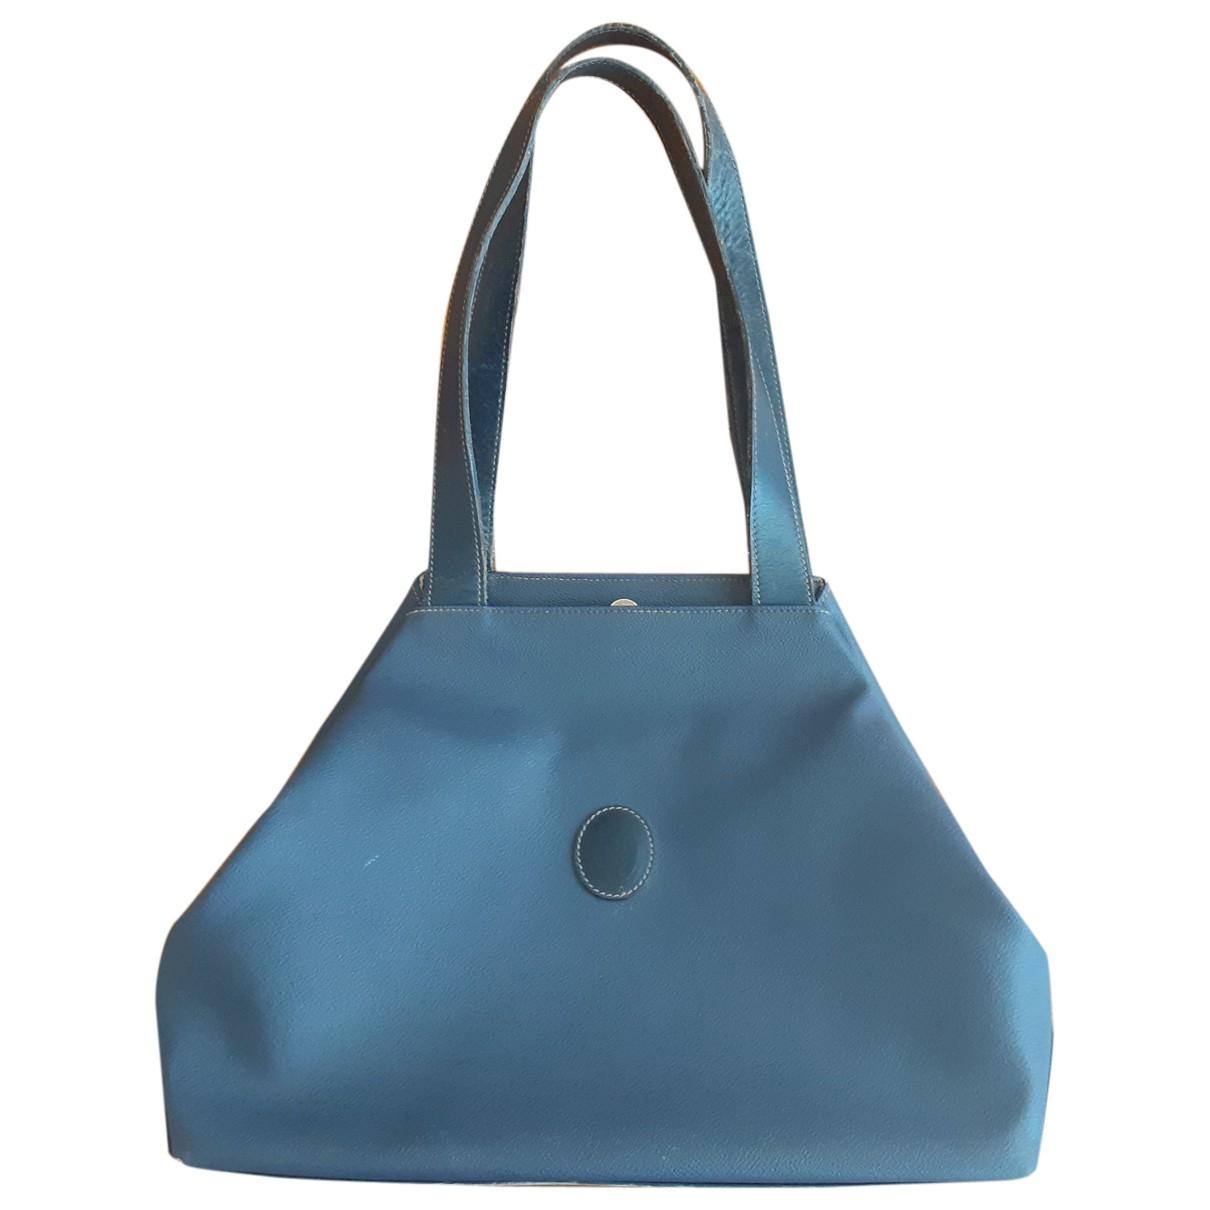 Trussardi \N Handtasche in  Blau Leder